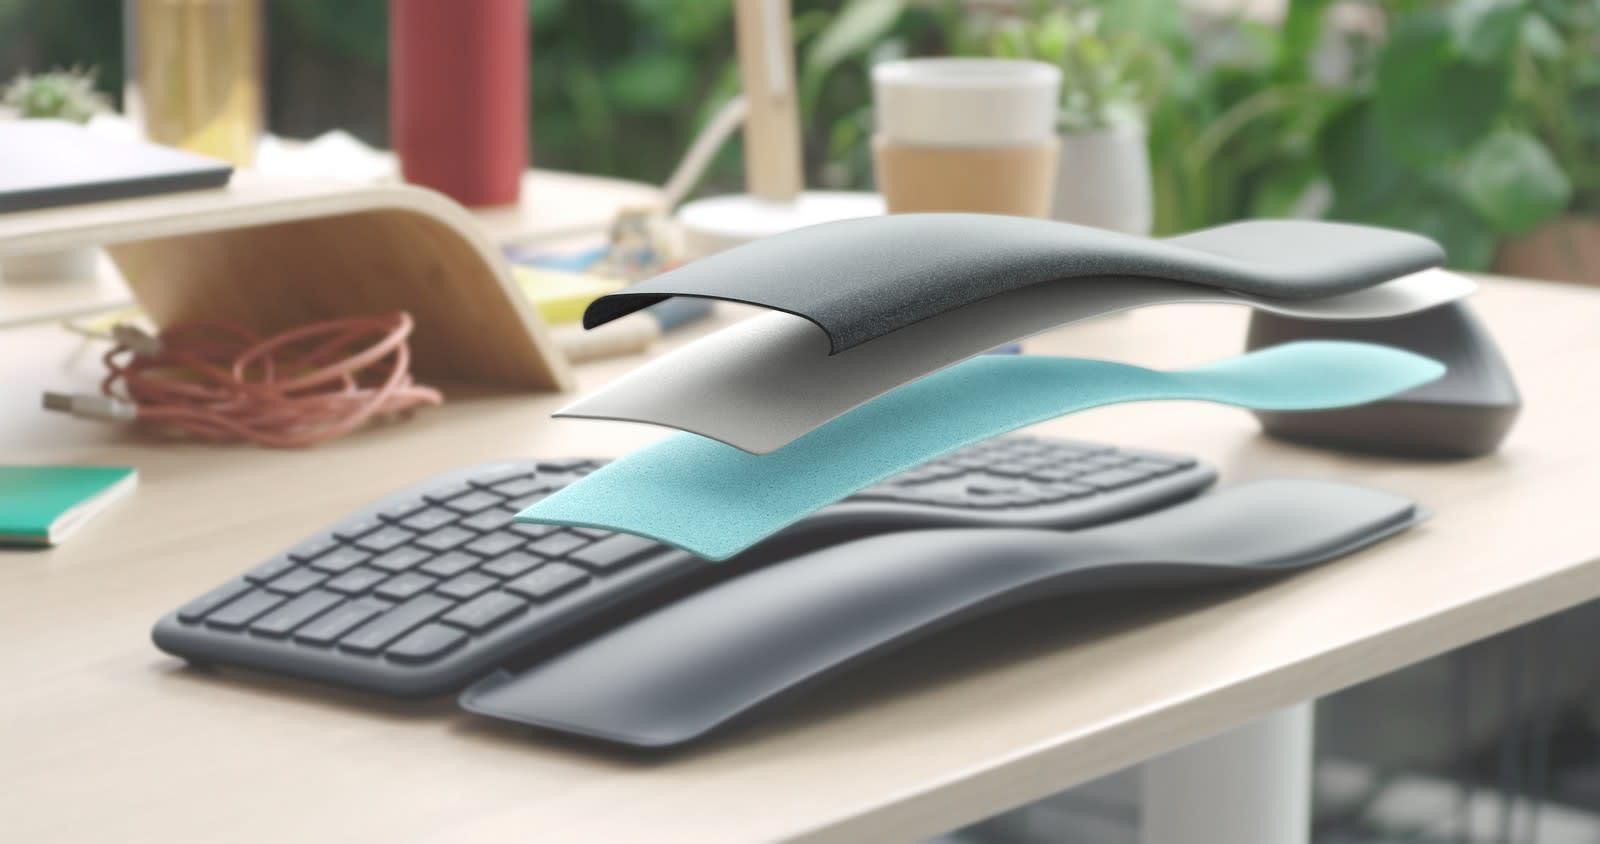 Logitech K860 Split Ergonomic Keyboard